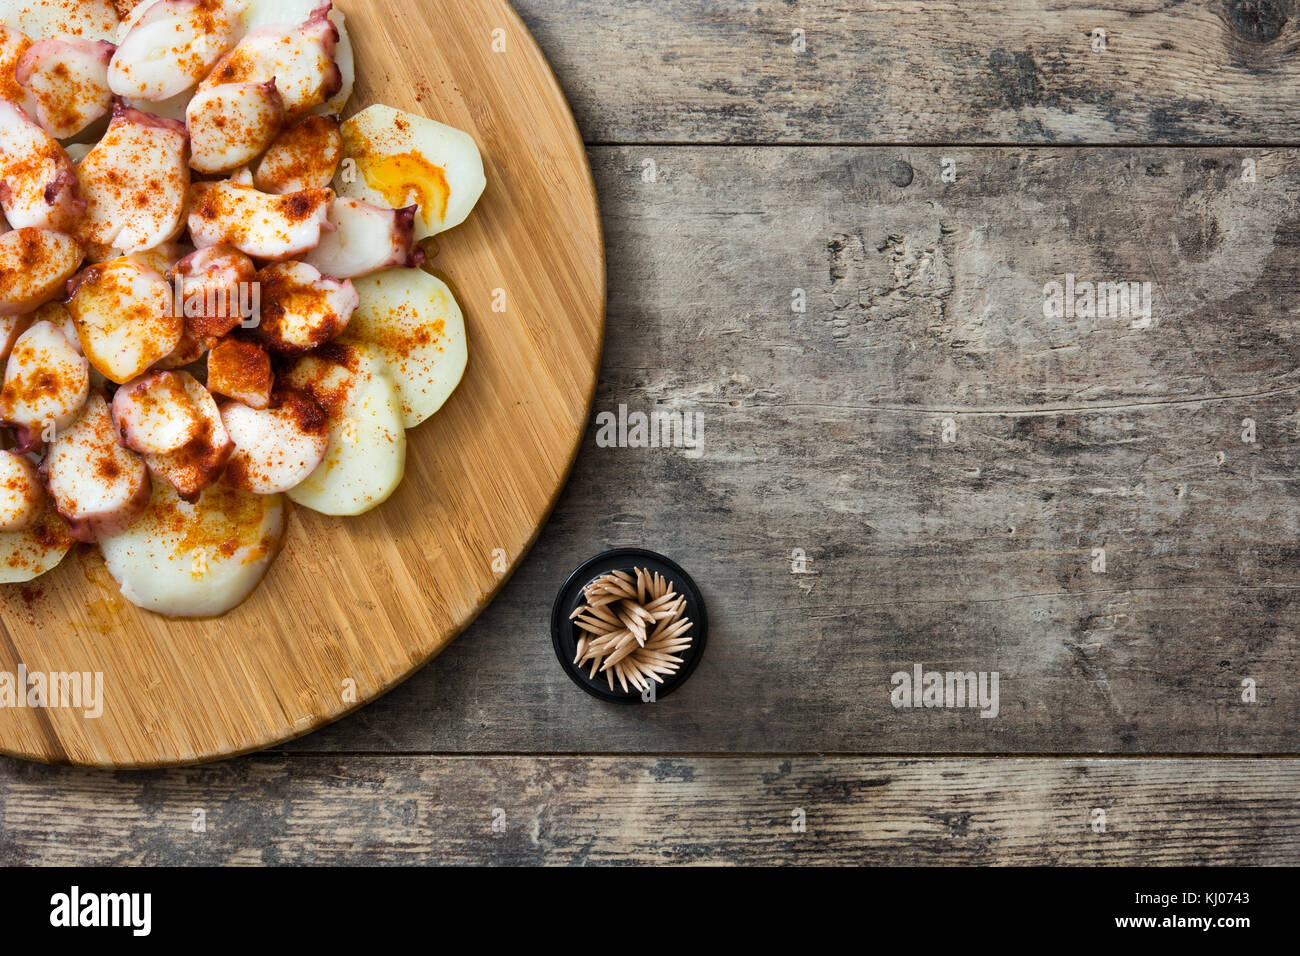 Pulpo a la Gallega. galizischen Octopus auf Holz. typisch spanische Speisen Stockbild